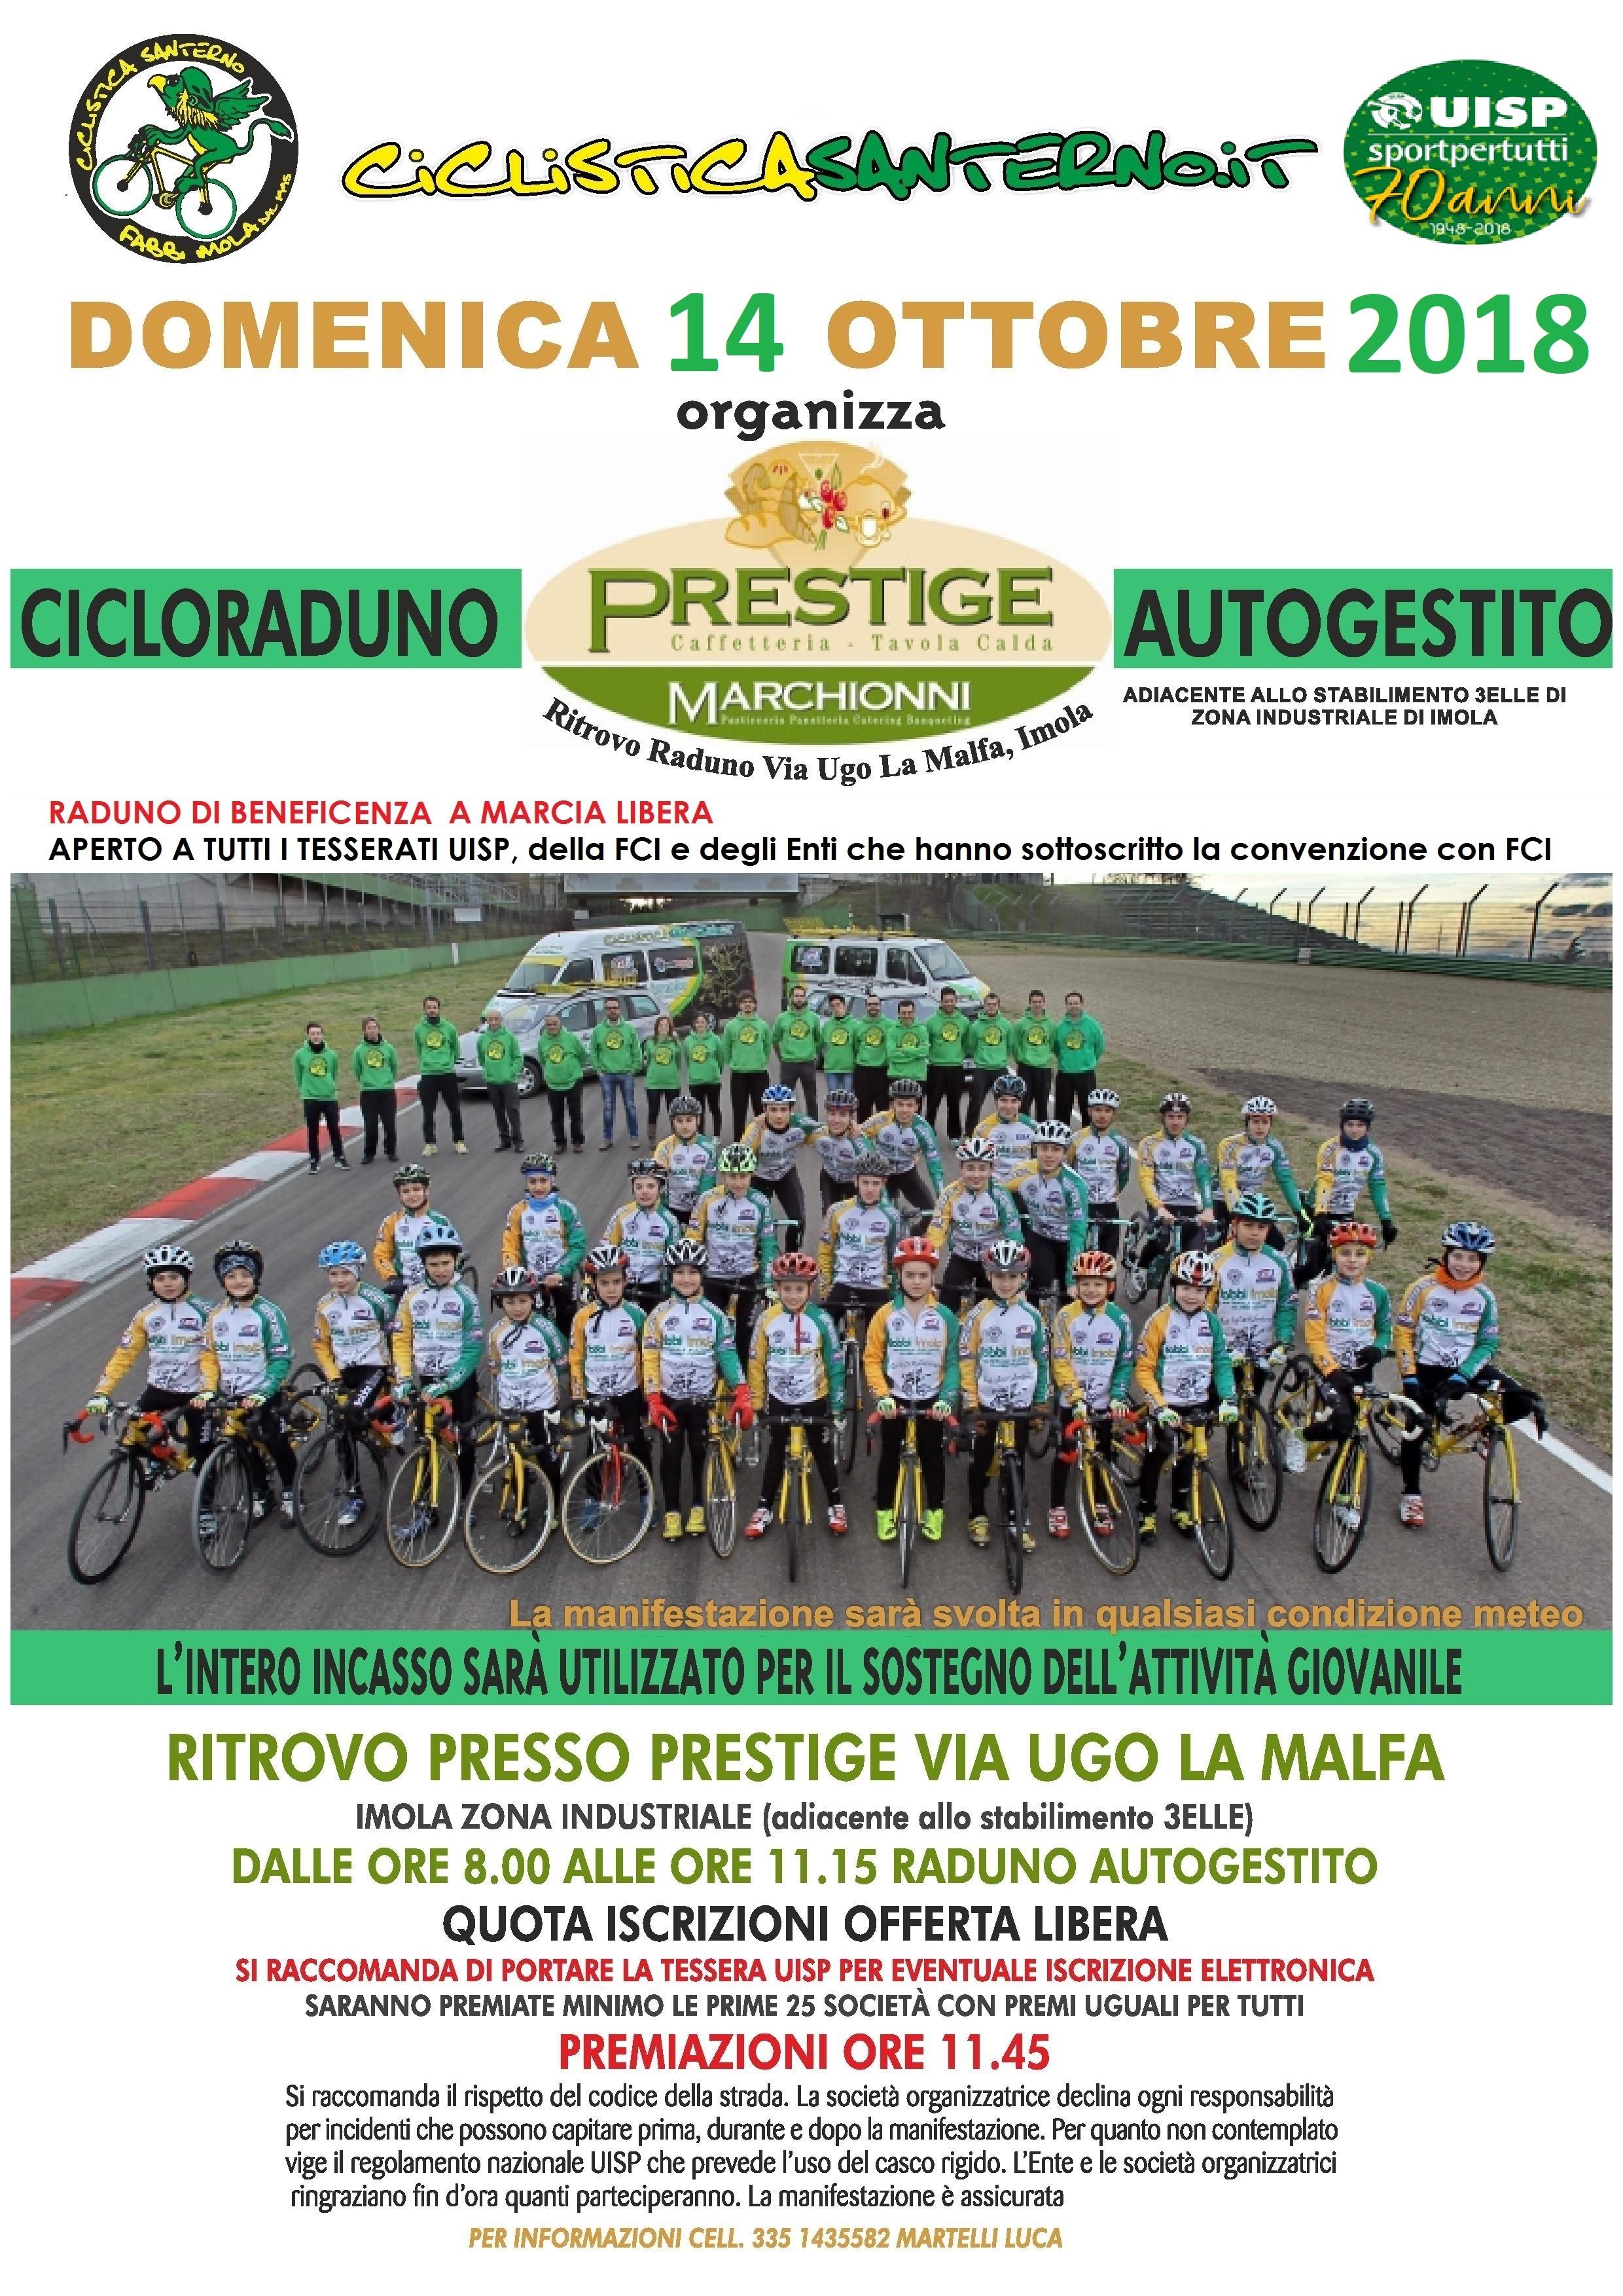 Montefiori 6° alla Lugo-San Marino, domenica 14 ottobre raduno ...